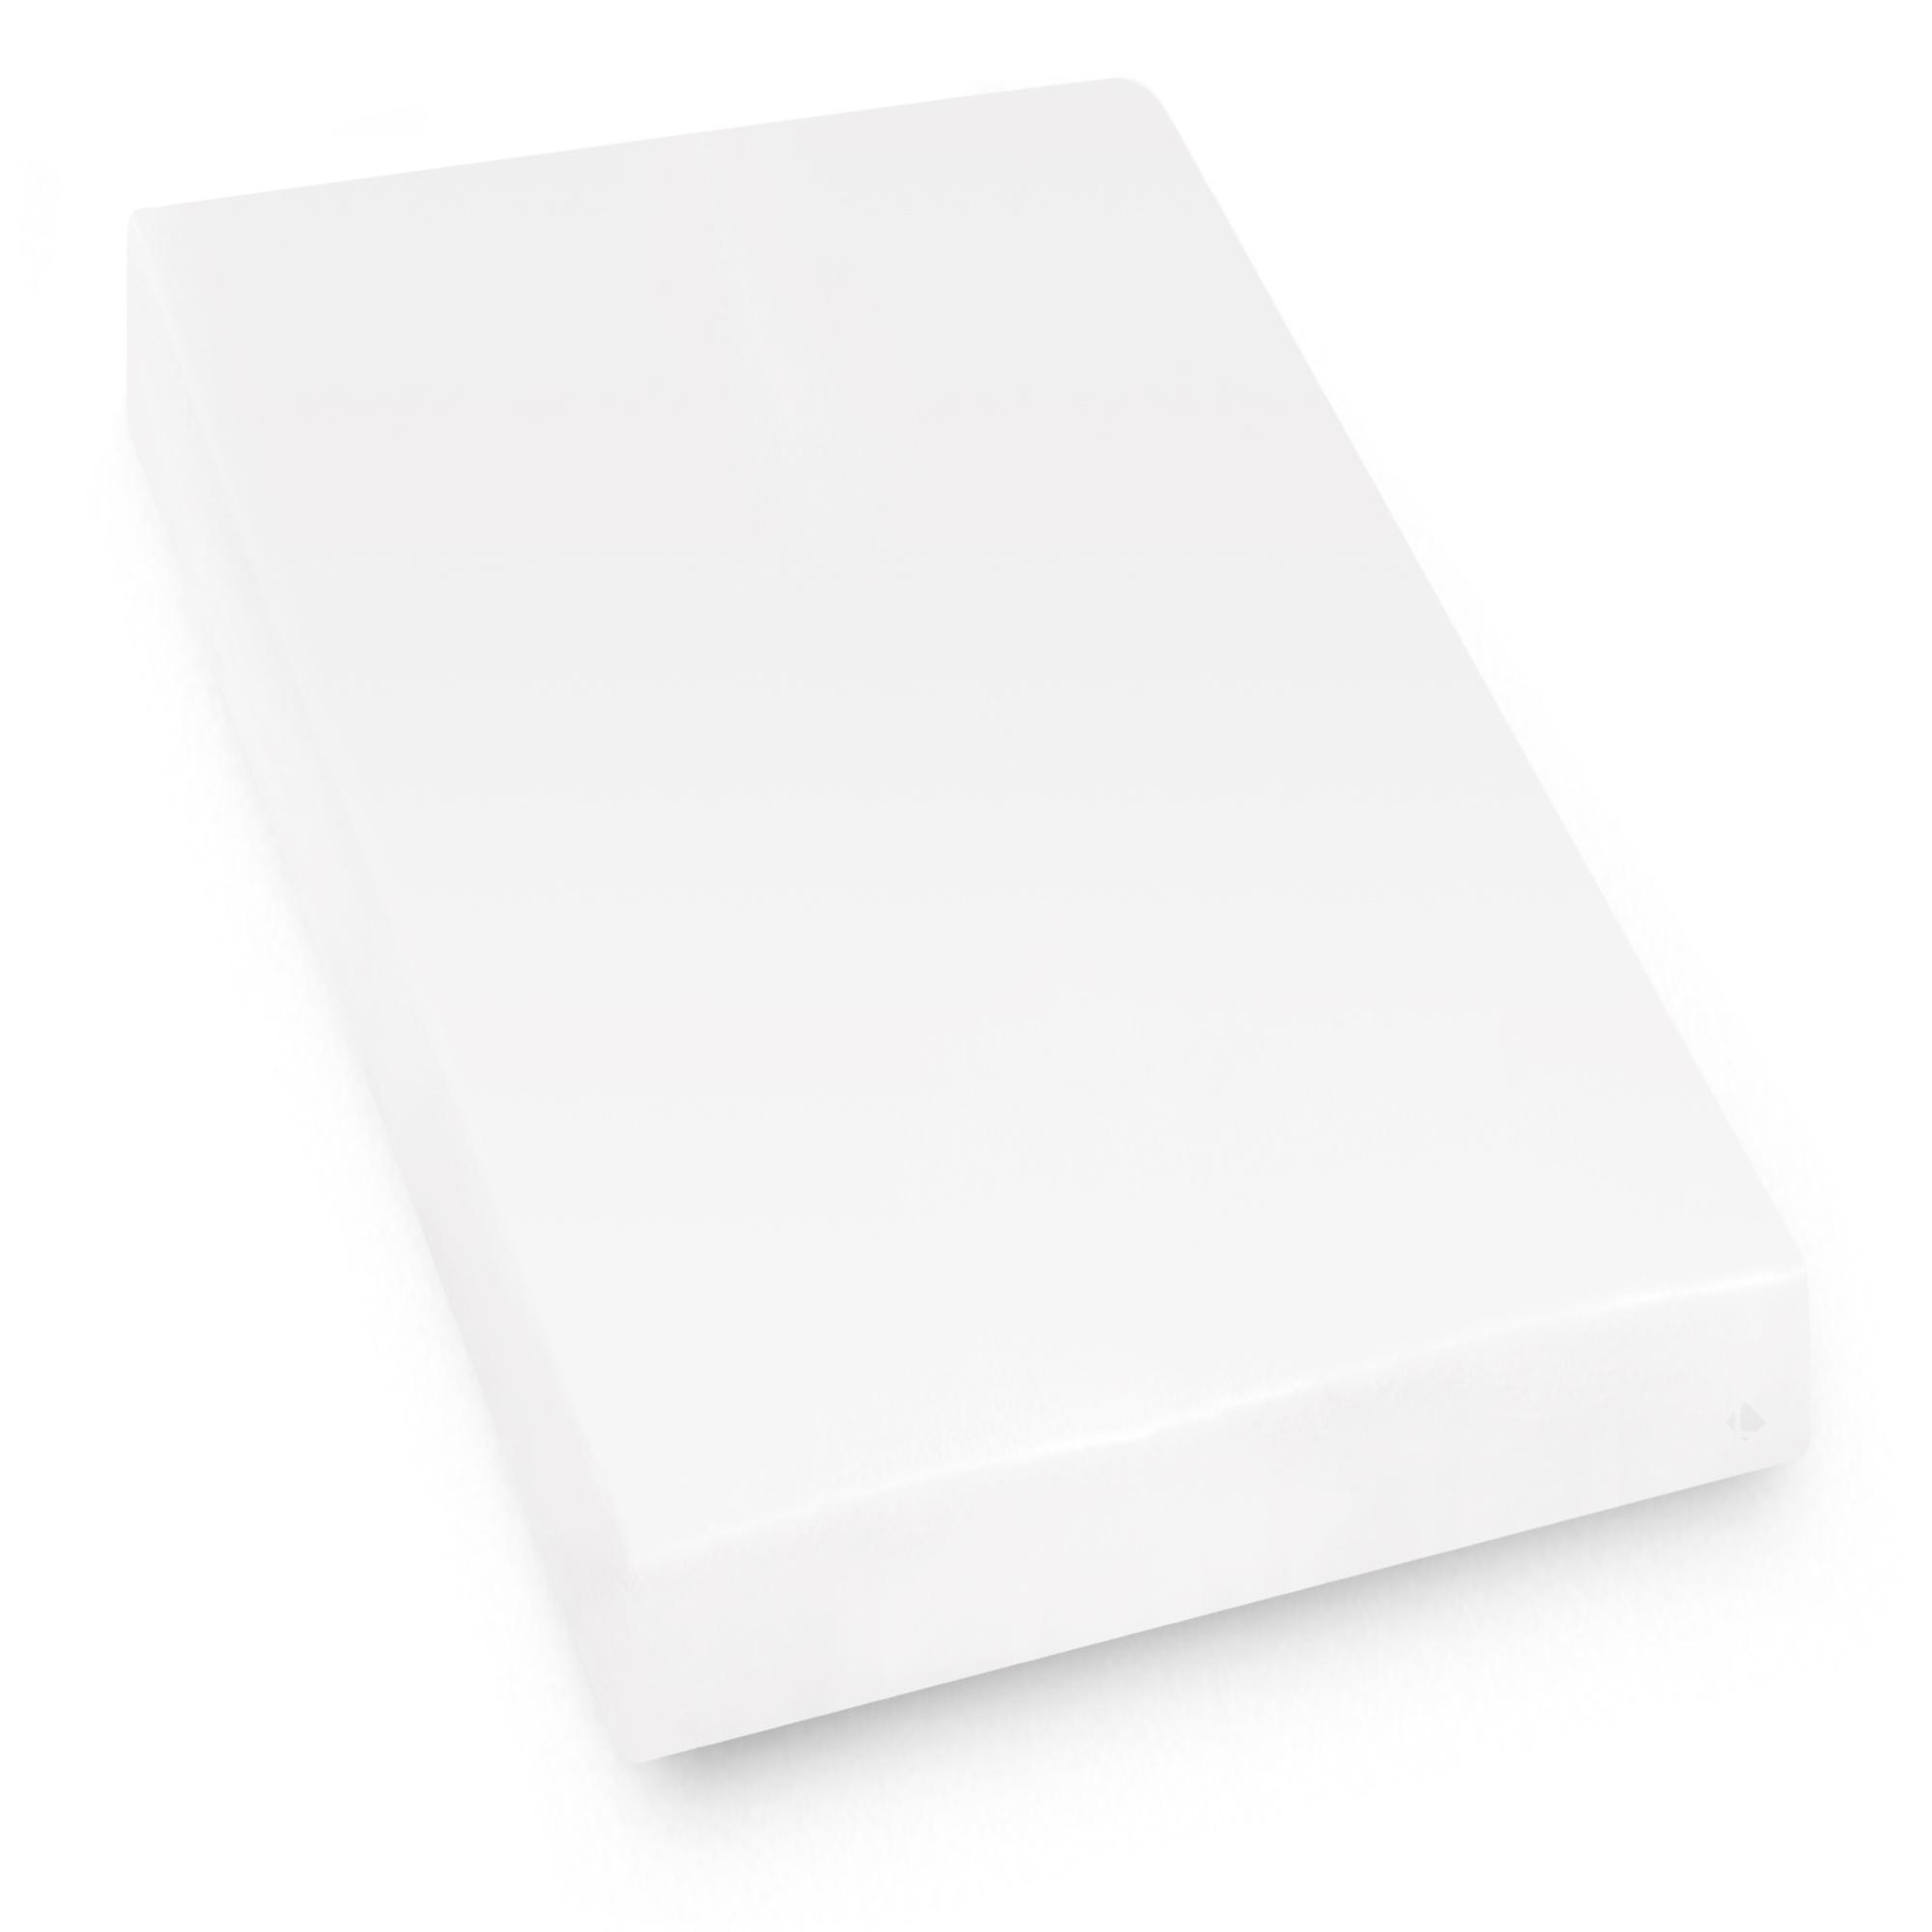 prot ge matelas imperm able 110x190 cm bonnet 30cm arnon molleton 100 coton contrecoll. Black Bedroom Furniture Sets. Home Design Ideas